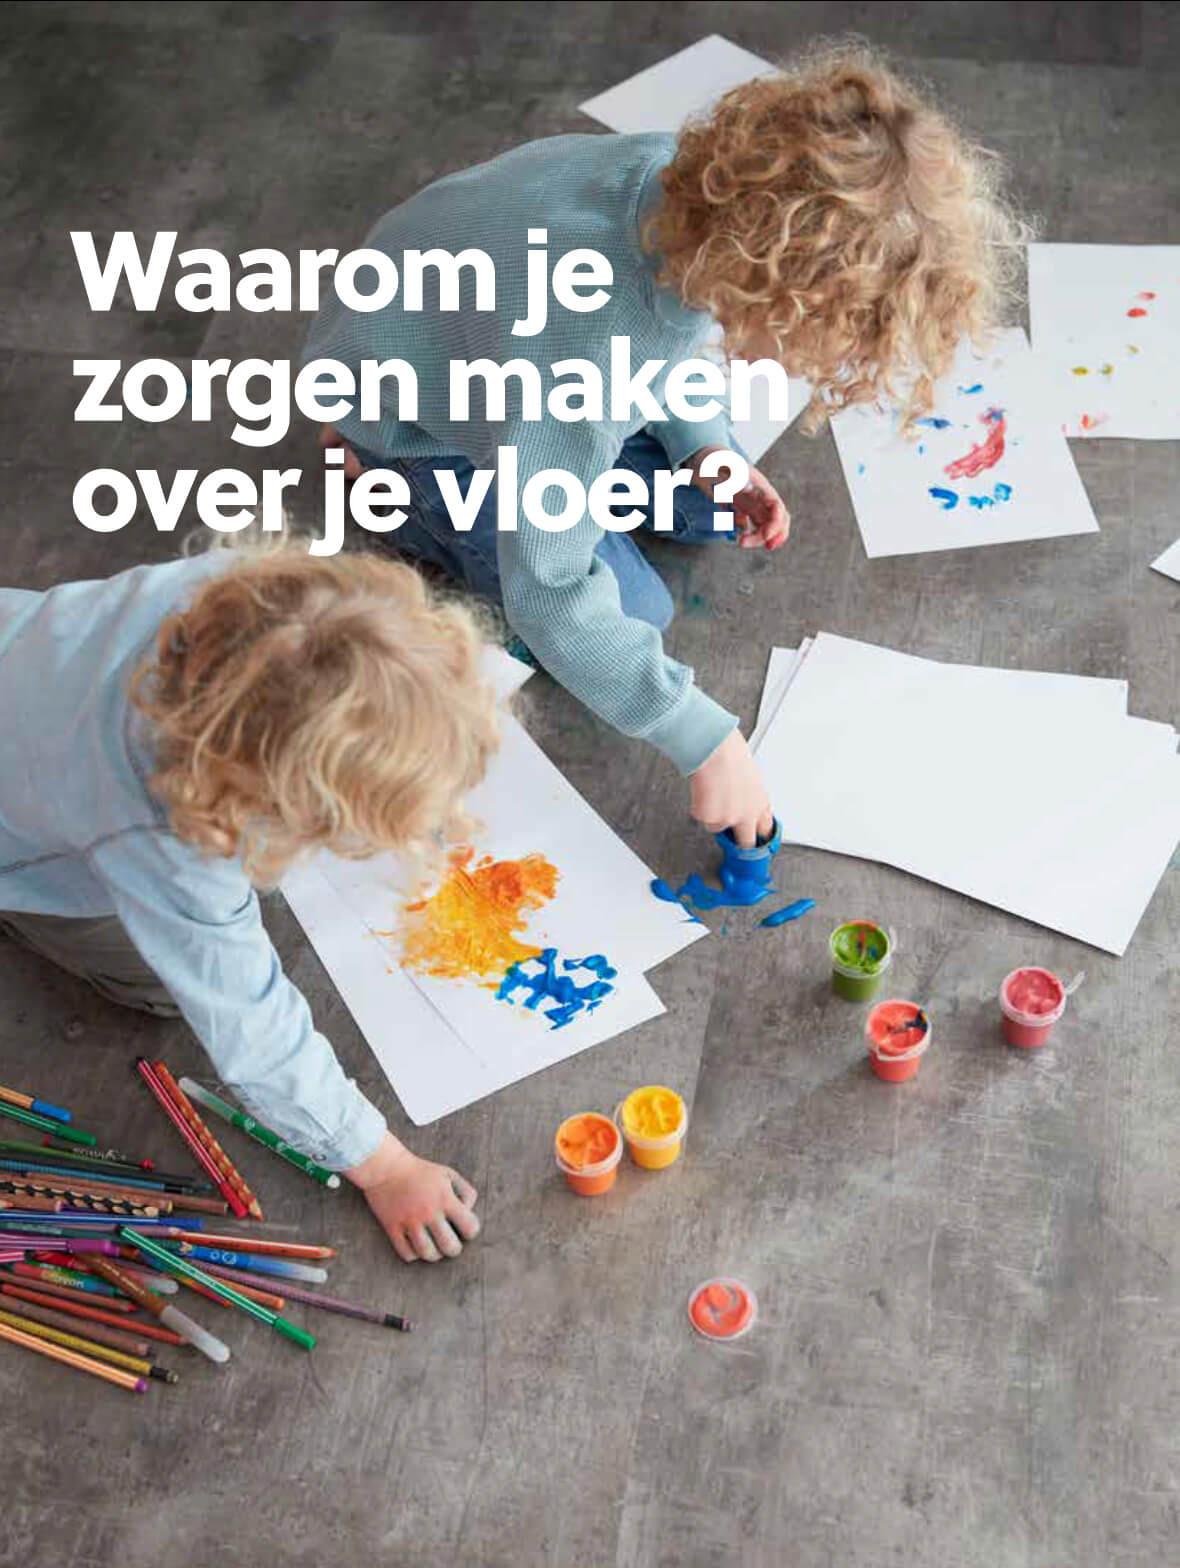 Waarom je zorgen maken over je vloer? Kinderen schilderen en tekenen op vloer